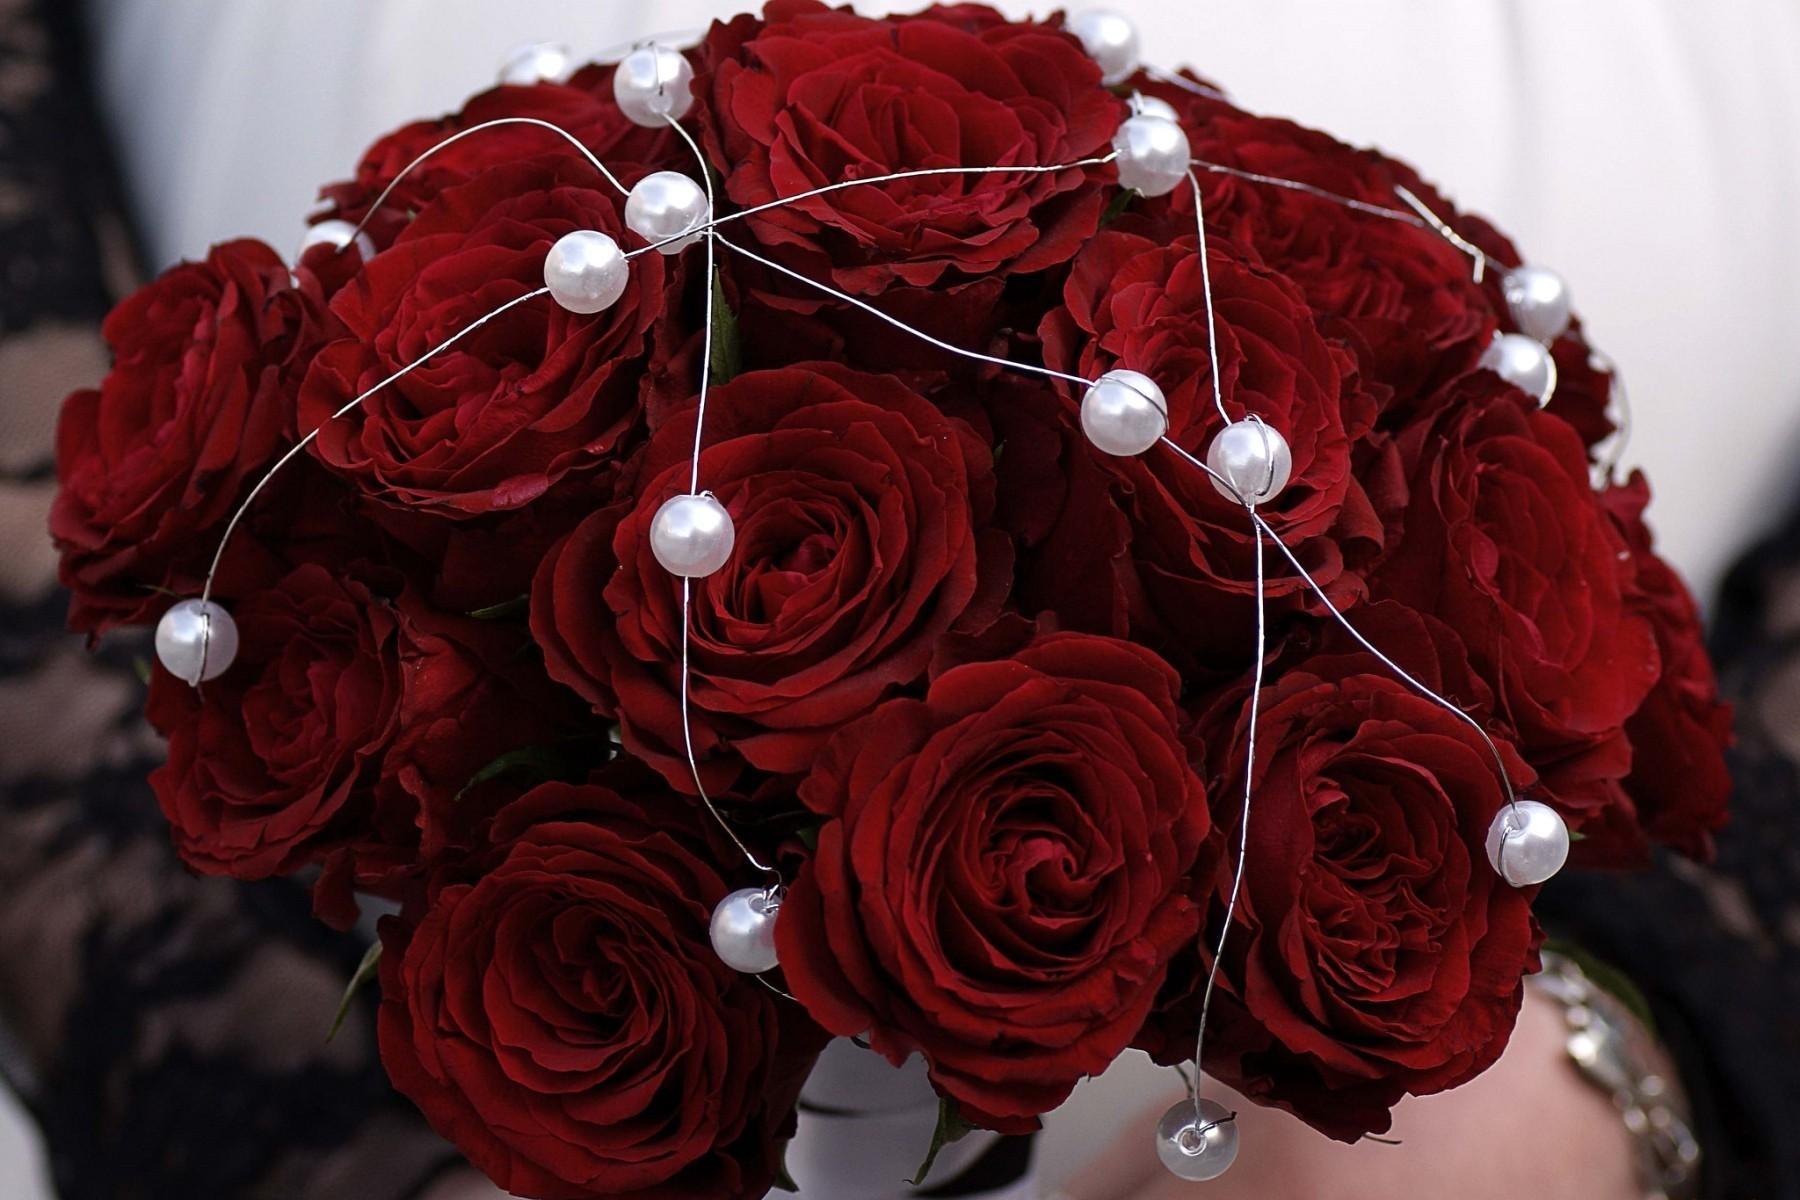 133482 скачать обои Розы, Букет, Цветы, Металл, Бусинки - заставки и картинки бесплатно